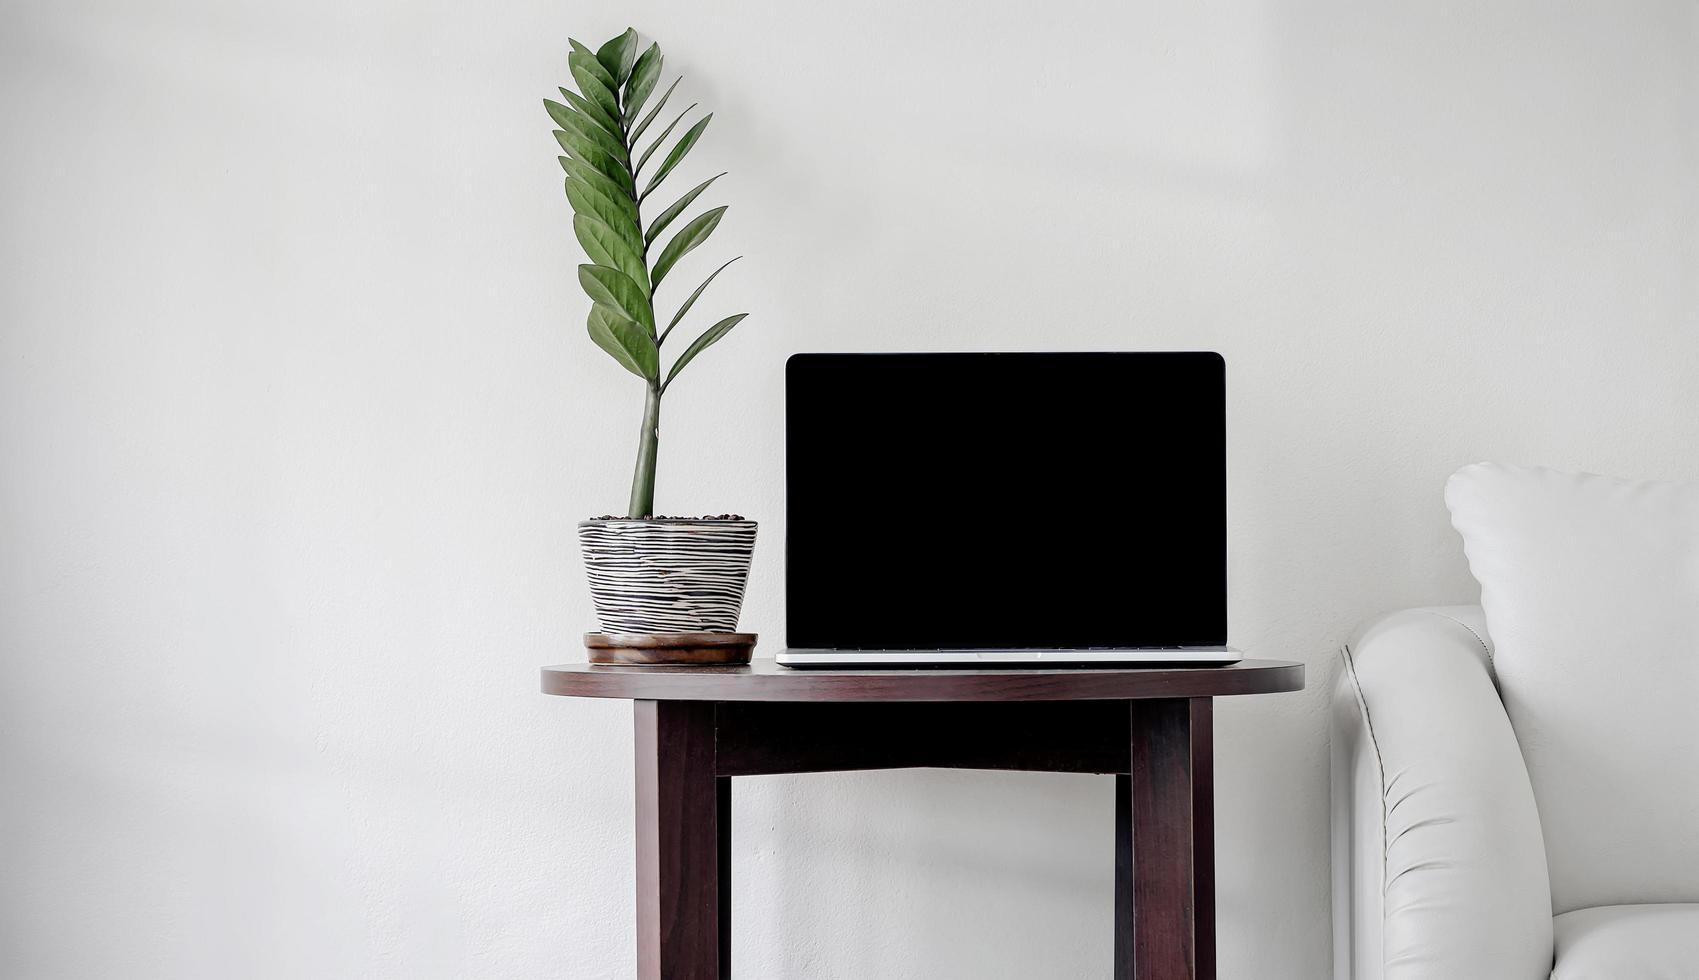 schermo nero portatile sul muro bianco minimo foto